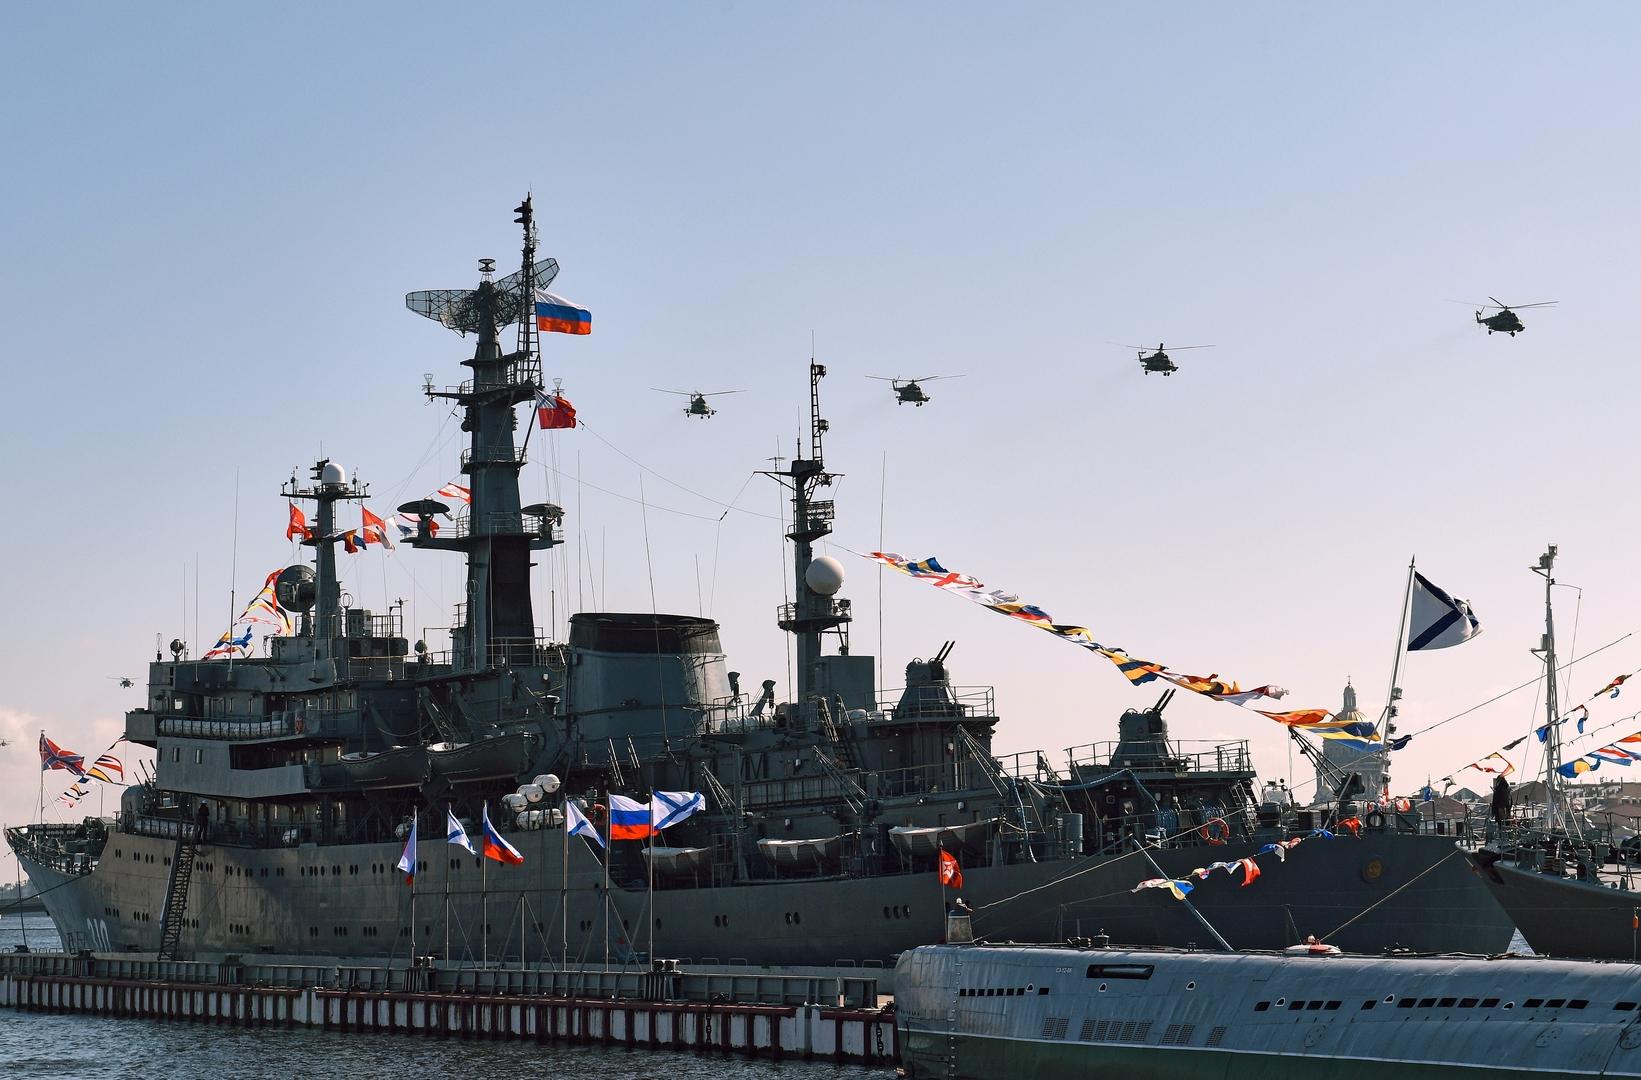 Ka-52 Hubschrauber und Kriegsschiffe bei Feierlichkeiten in Sankt Petersburg